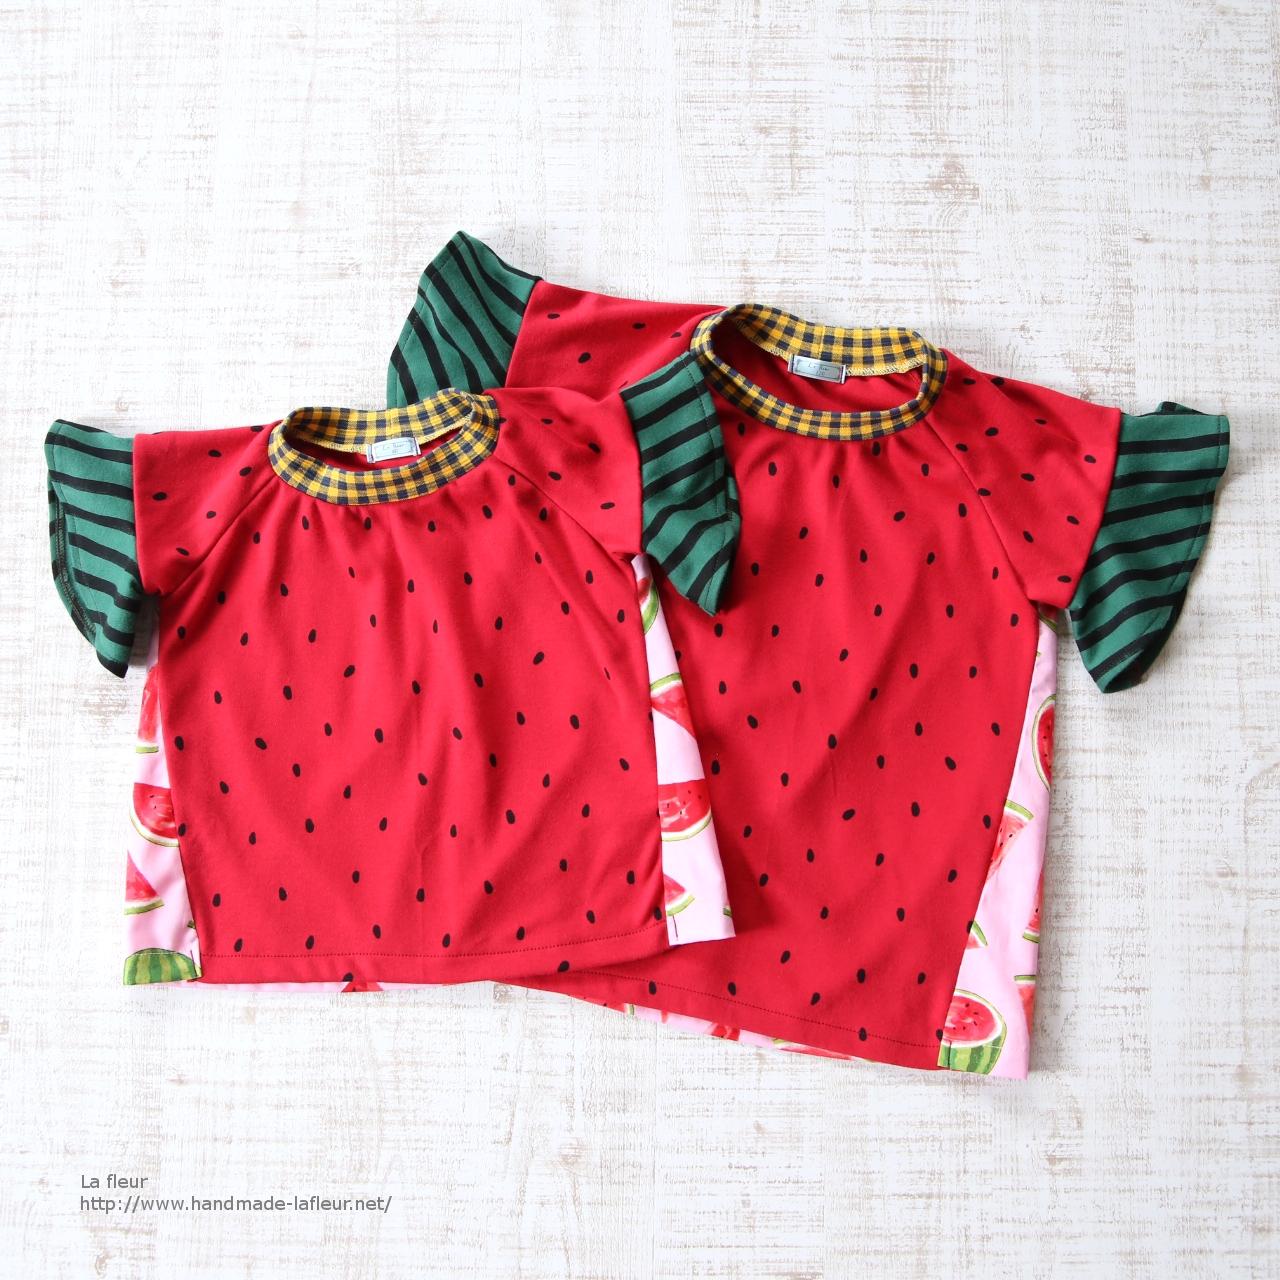 【110】スイカTシャツ女の子用*ロンリーTシャツ 袖フリル カットソー/Lafleur